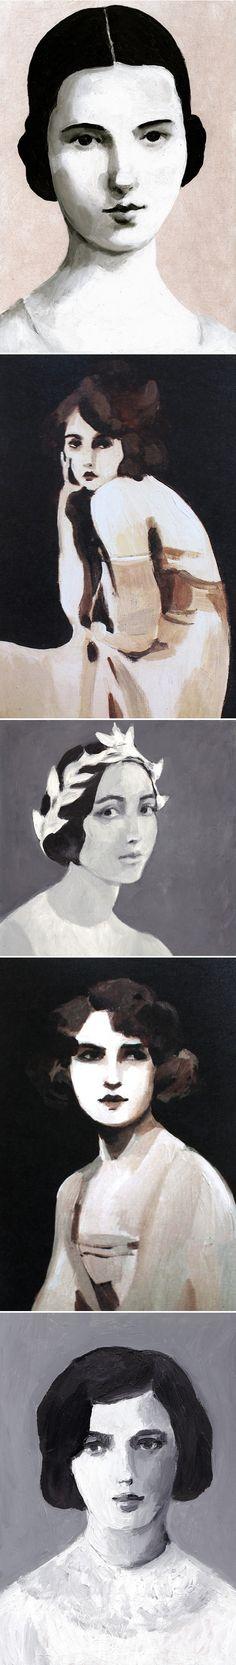 Paintings by Tali Yalonetzki <3